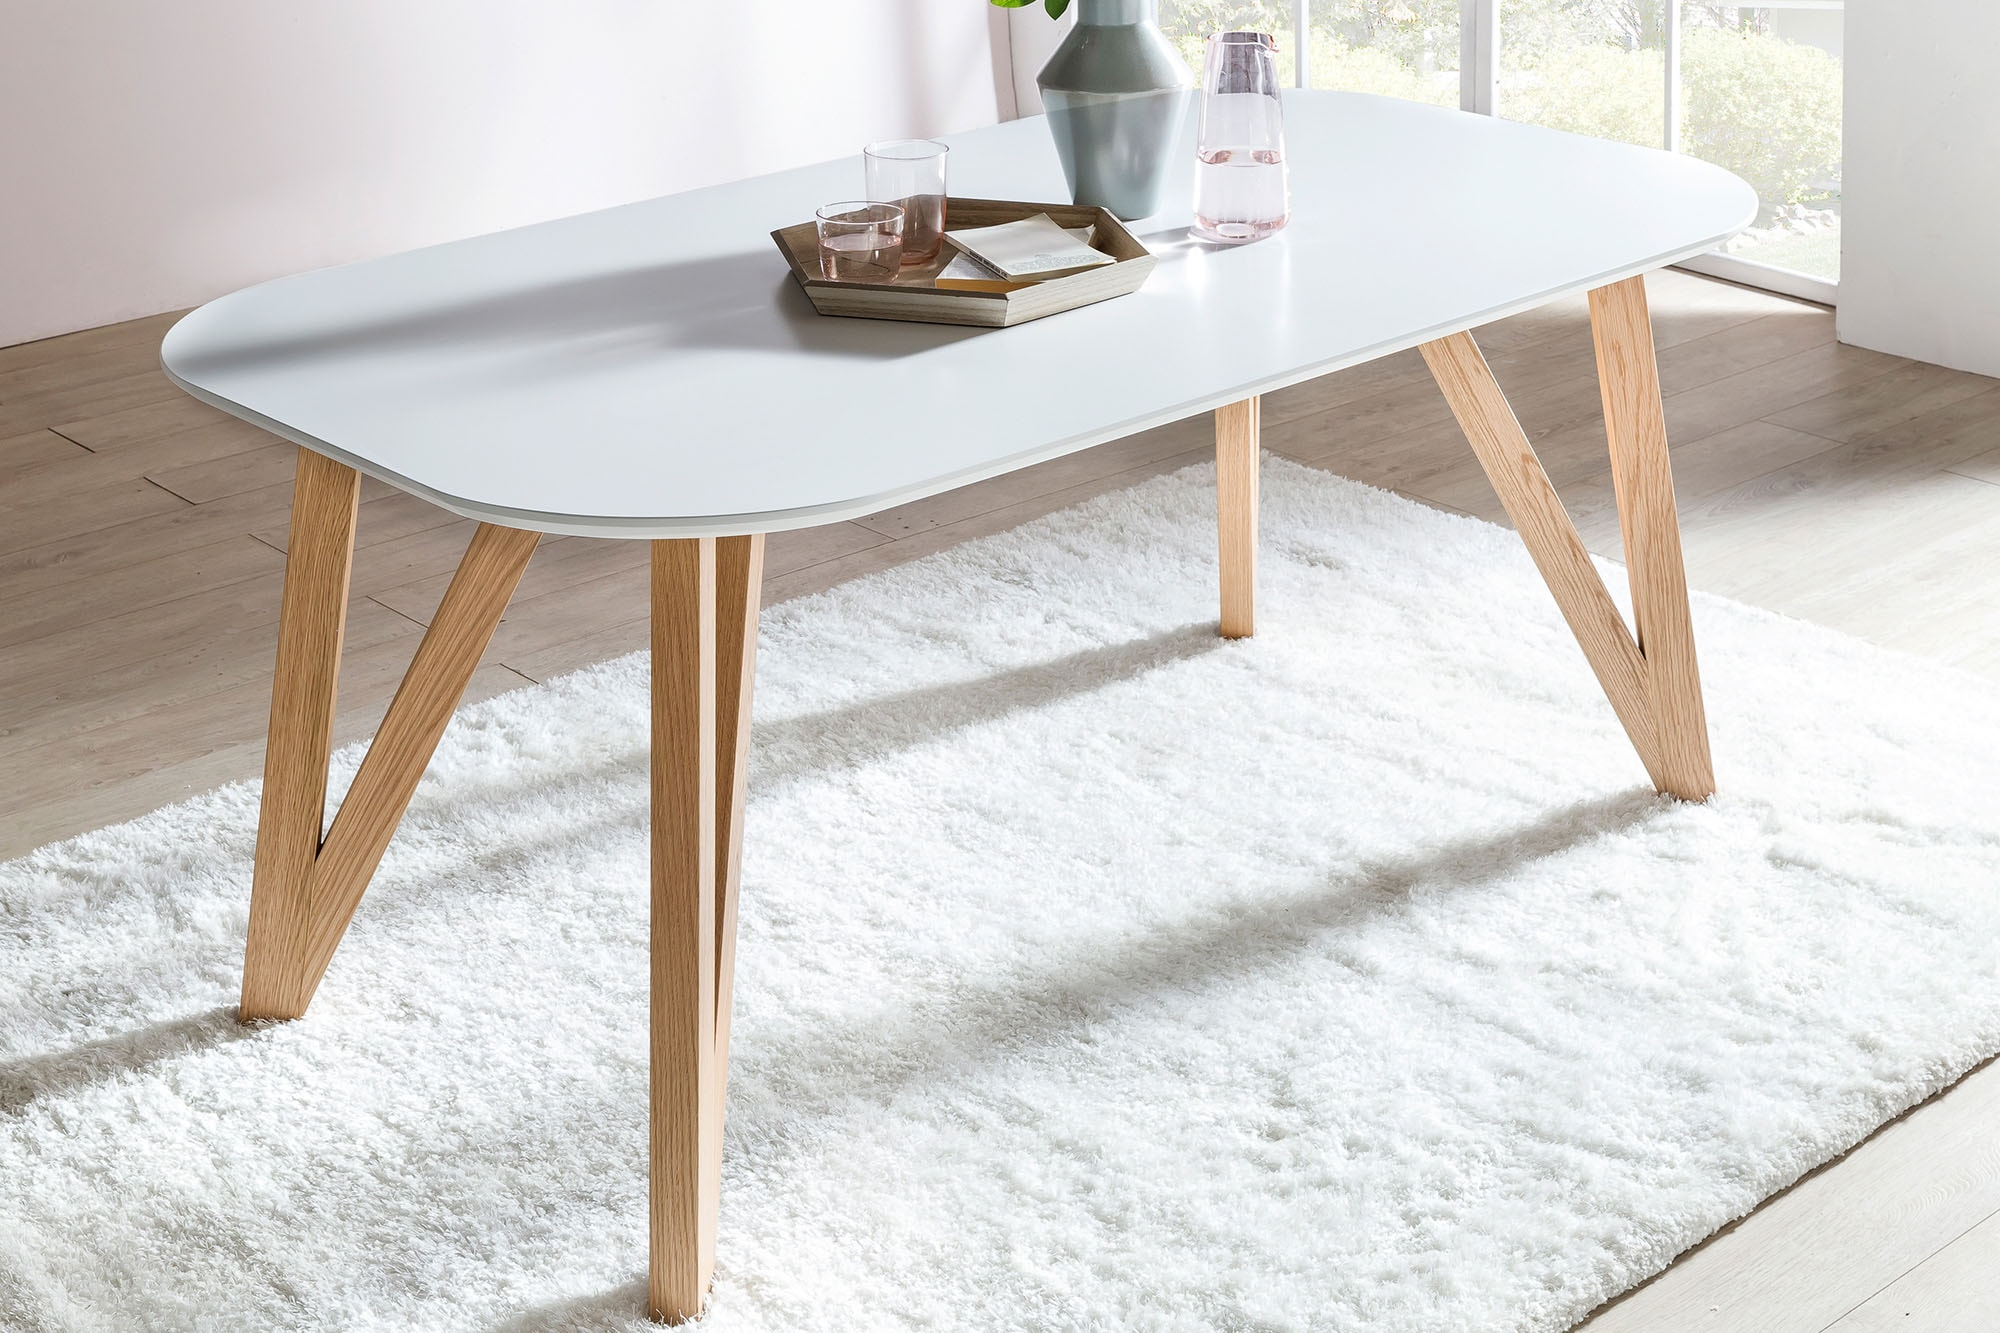 SalesFever Esstisch, Haarnadelbeine aus massiver Eiche weiß Esstisch Esstische rund oval Tische